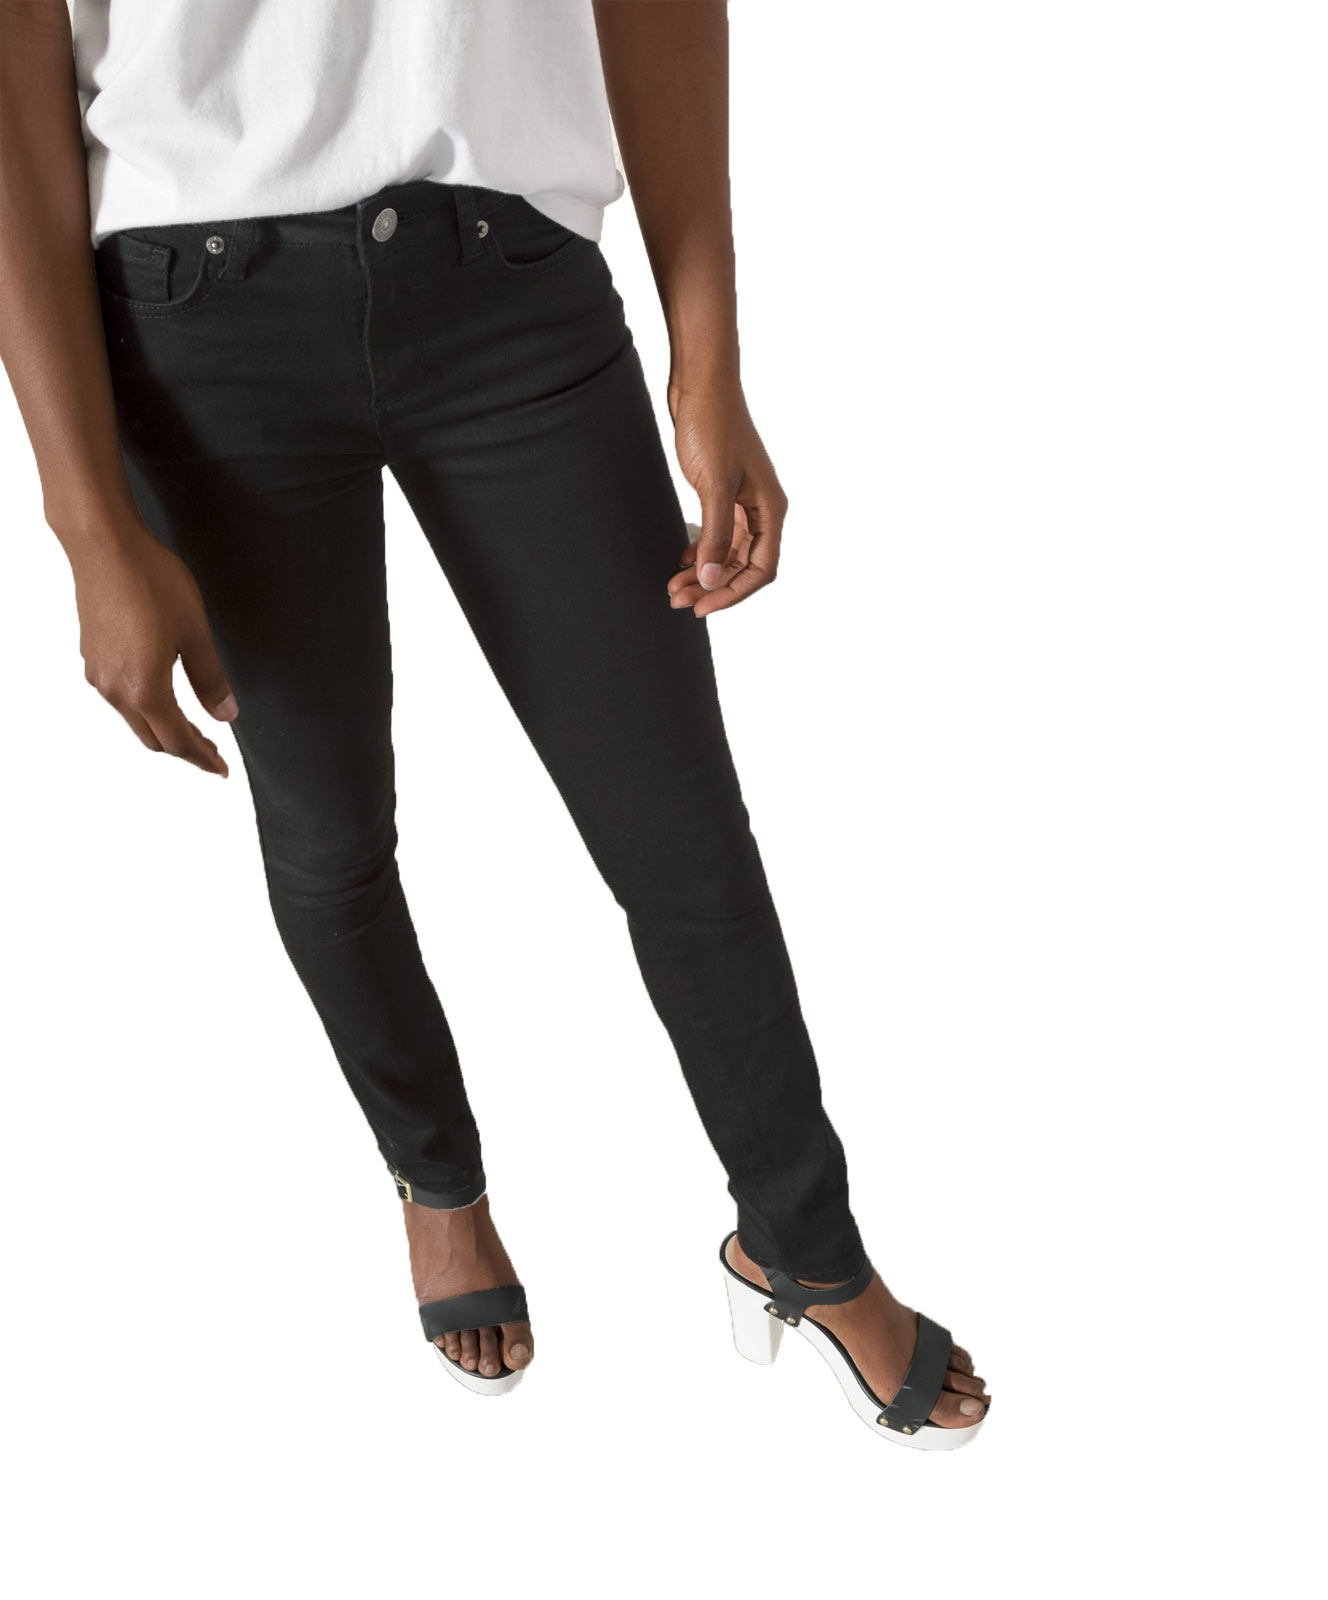 Hosen für Frauen - HIS MARYLIN Jeans Slim Fit Black Wash  - Onlineshop Jeans Meile